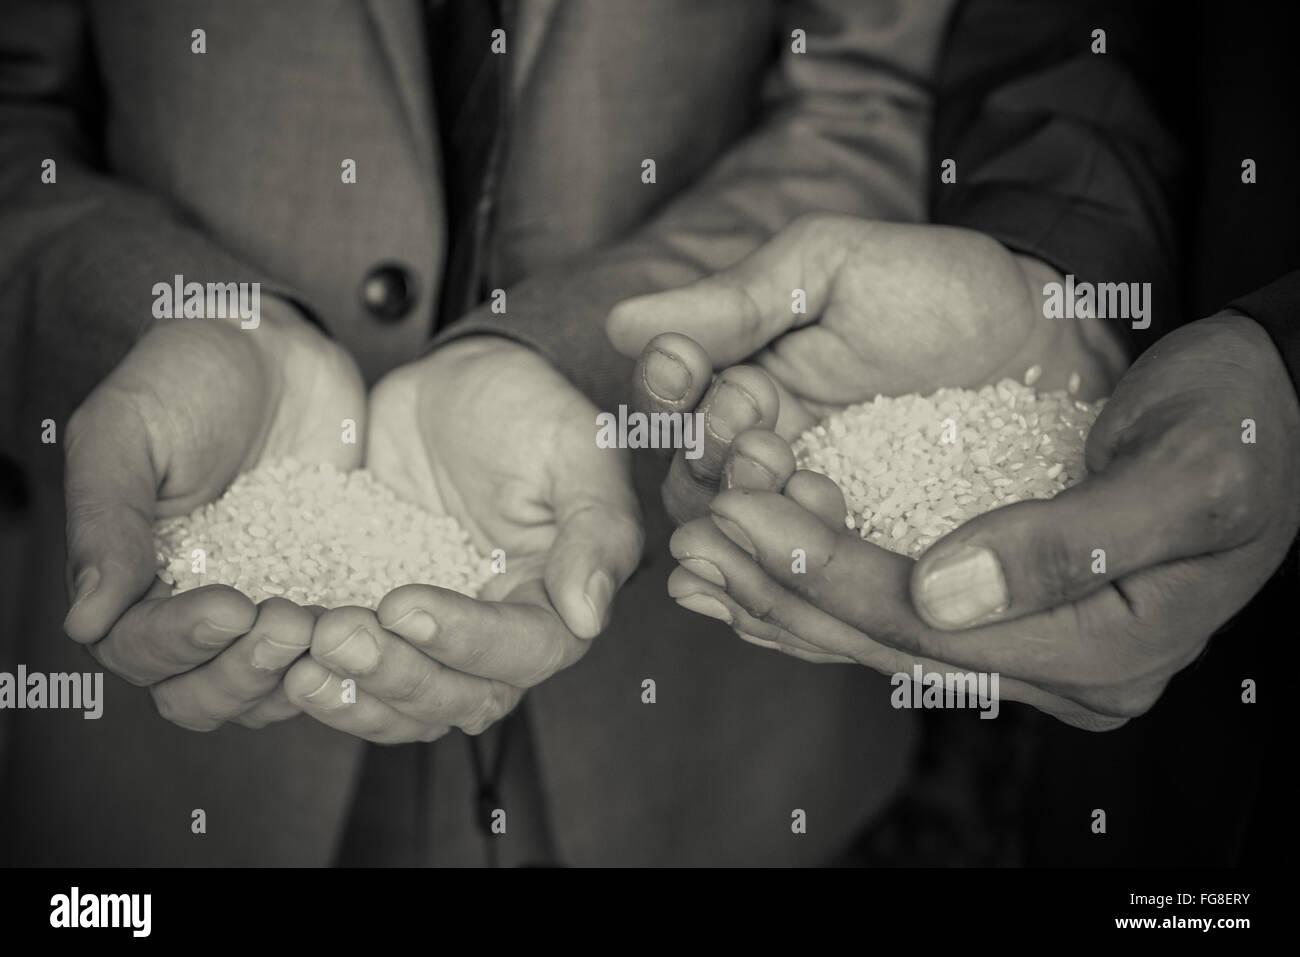 Recortado manos sosteniendo el arroz Imagen De Stock